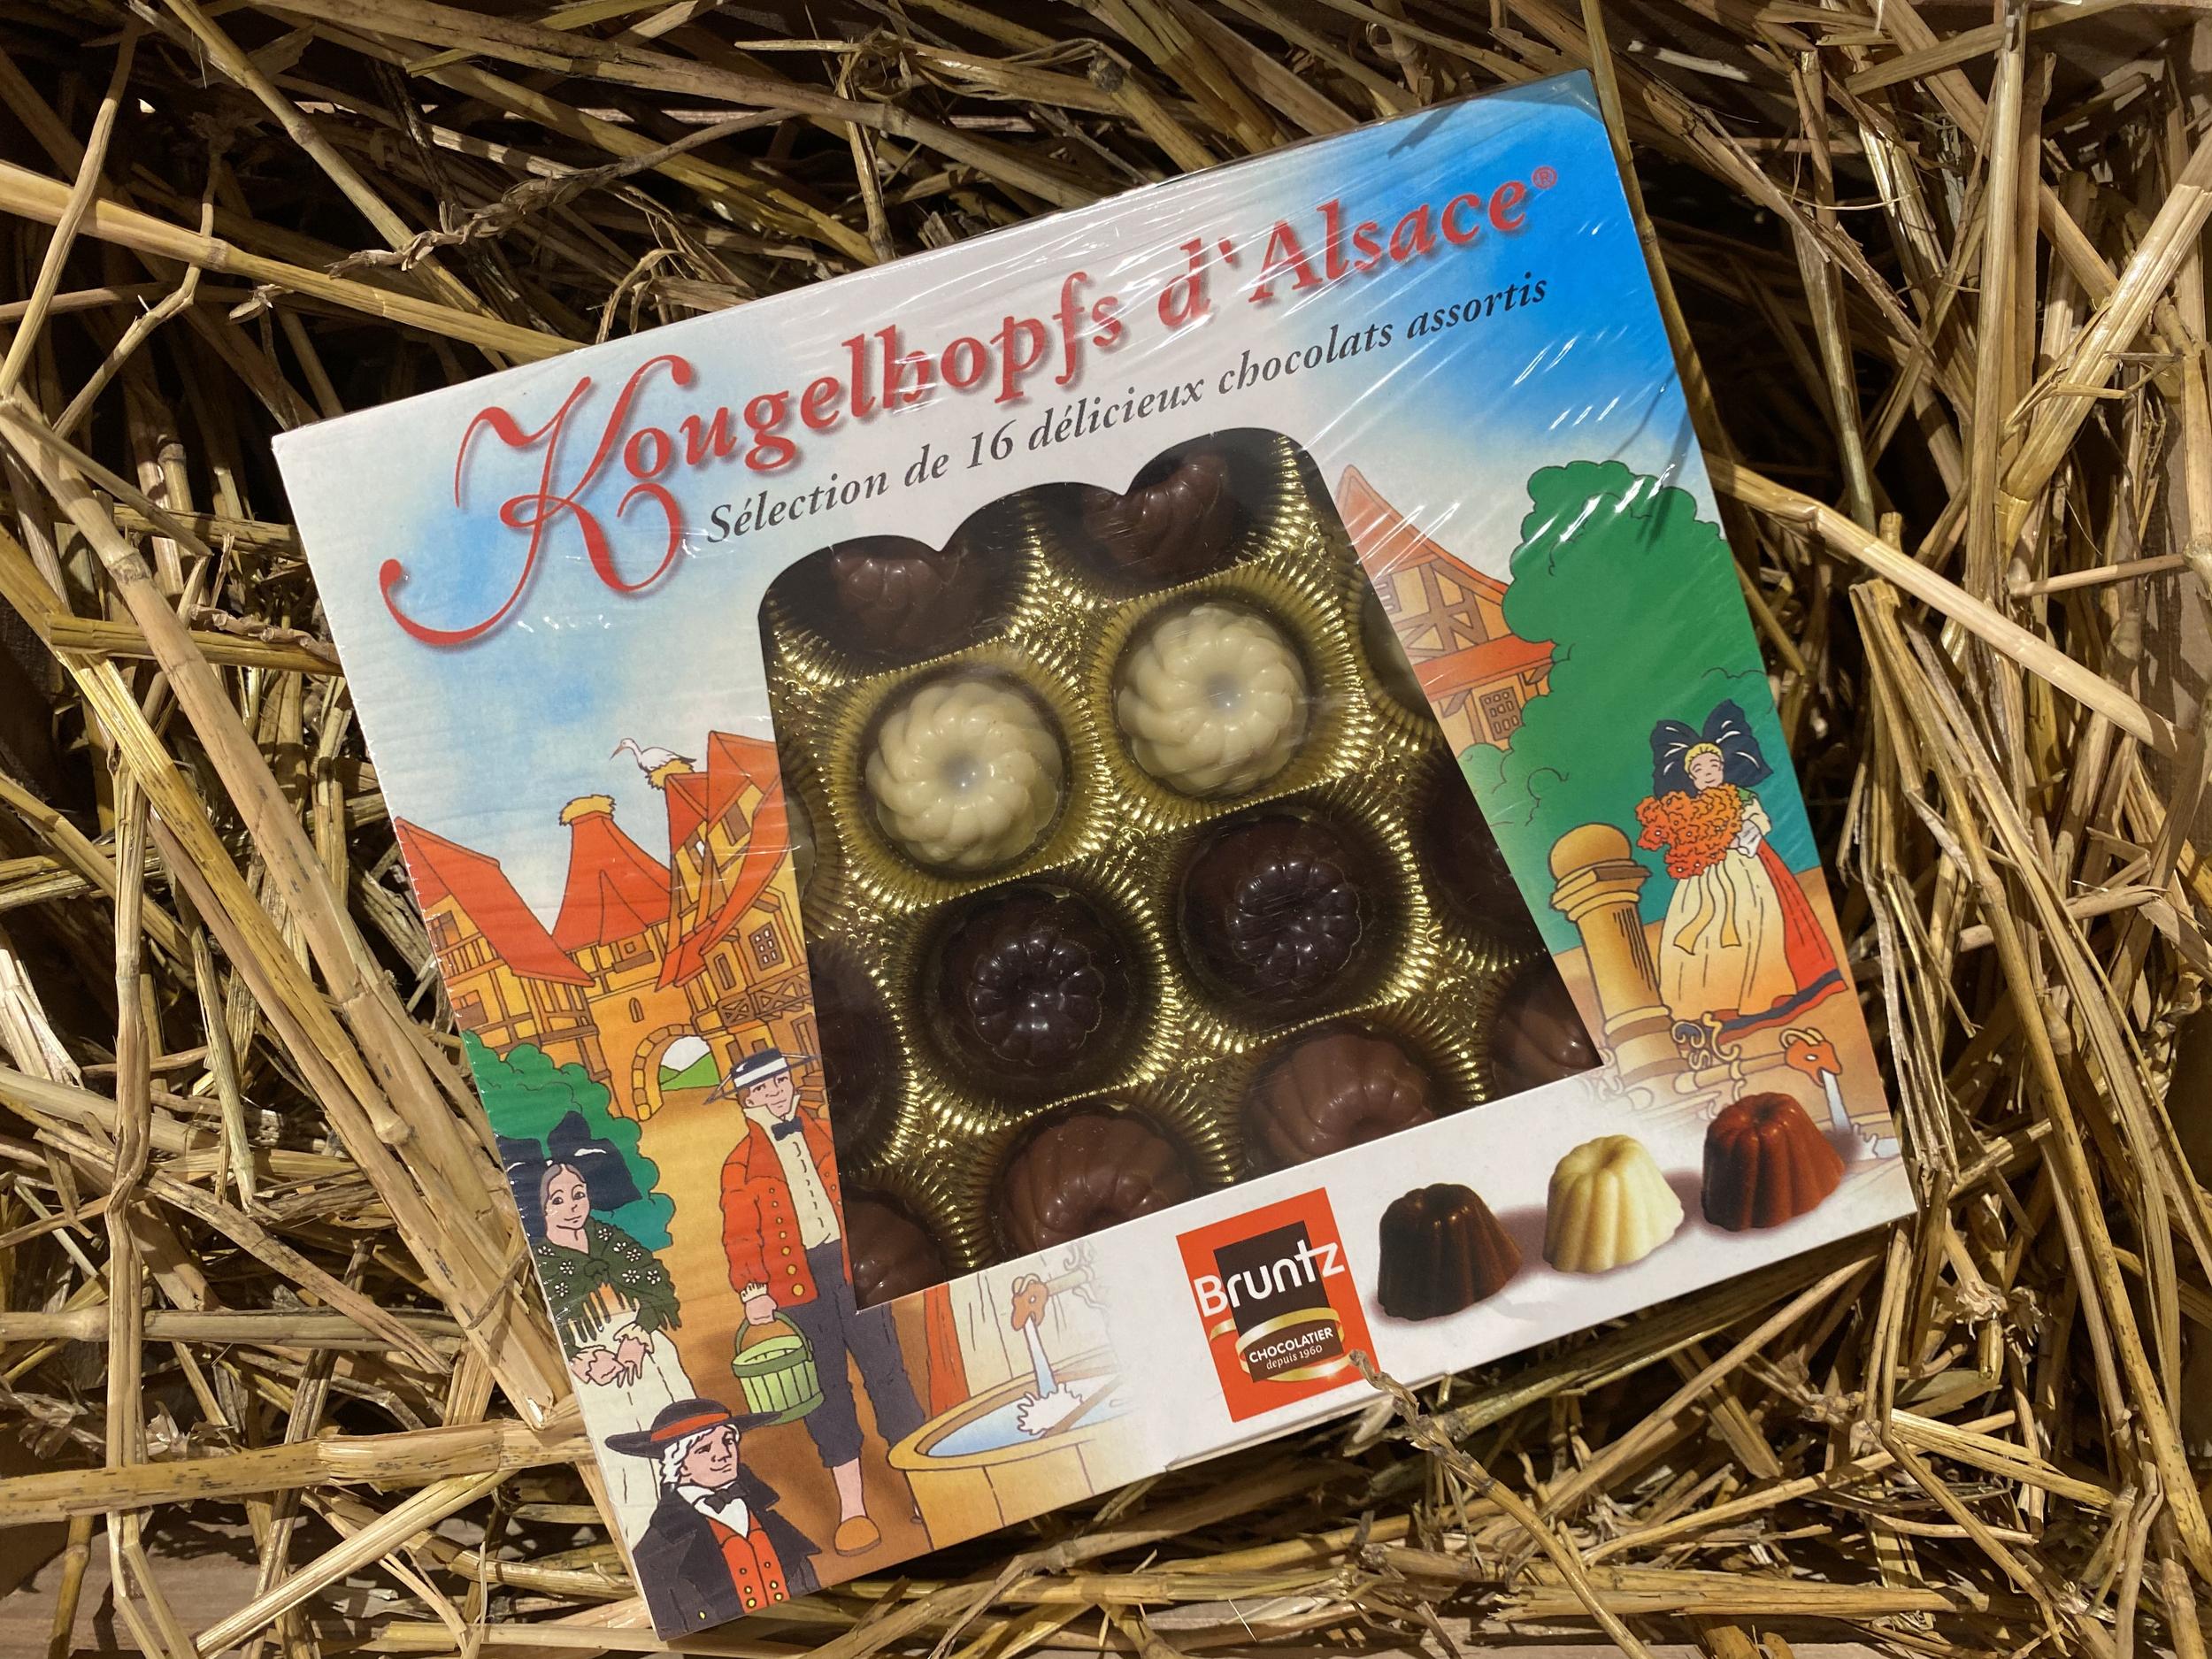 BOITE 16 KOUGELHOPF CHOCOLATS FOURRES ASSORTIS 160G